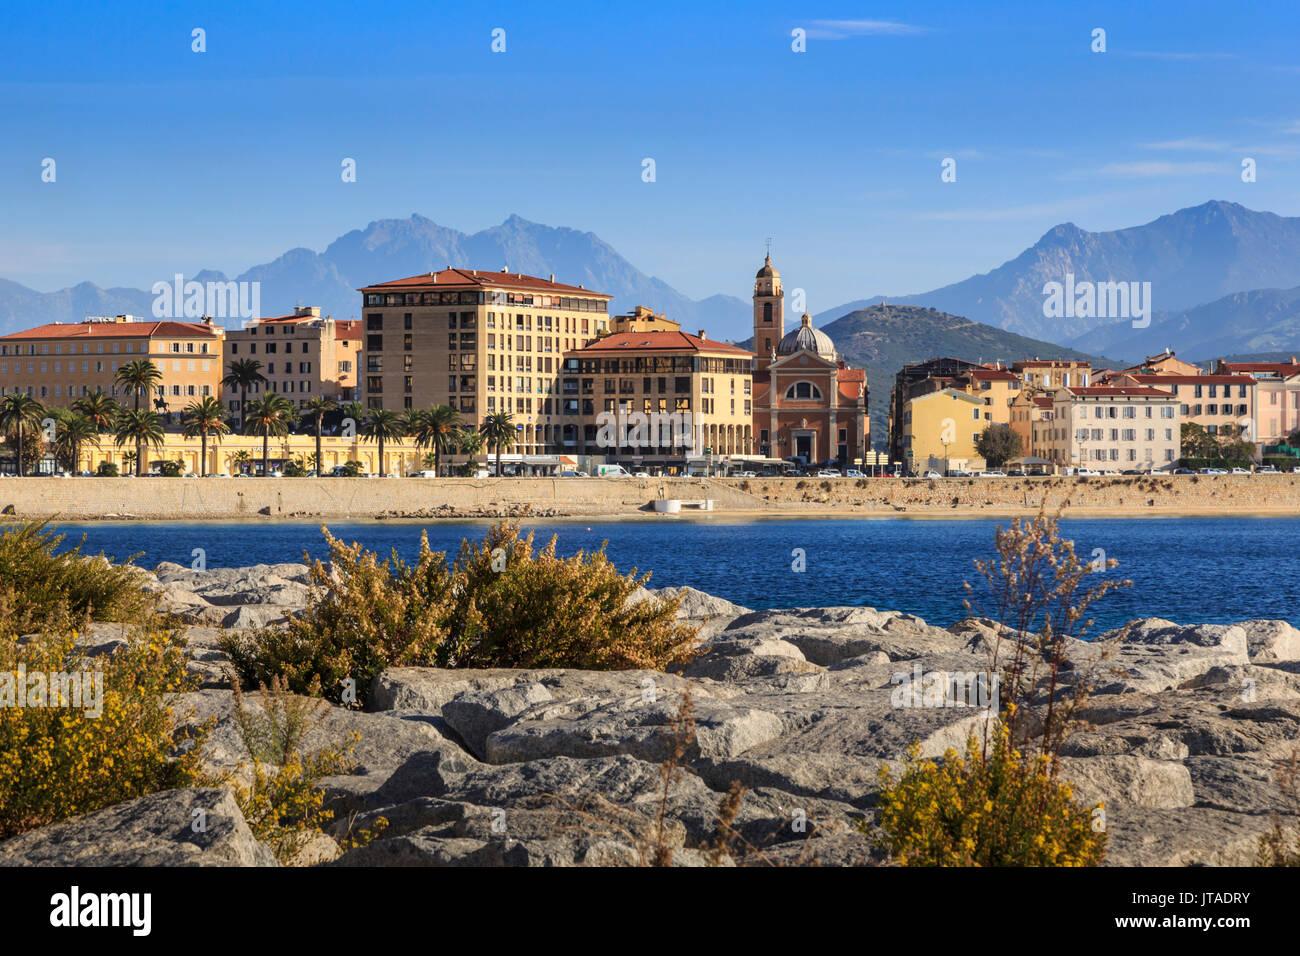 Cathédrale, ville et montagnes brumeuses, de son éperon waterfront, Ajaccio, Corse, Méditerranée, France, Méditerranée, Europe Photo Stock